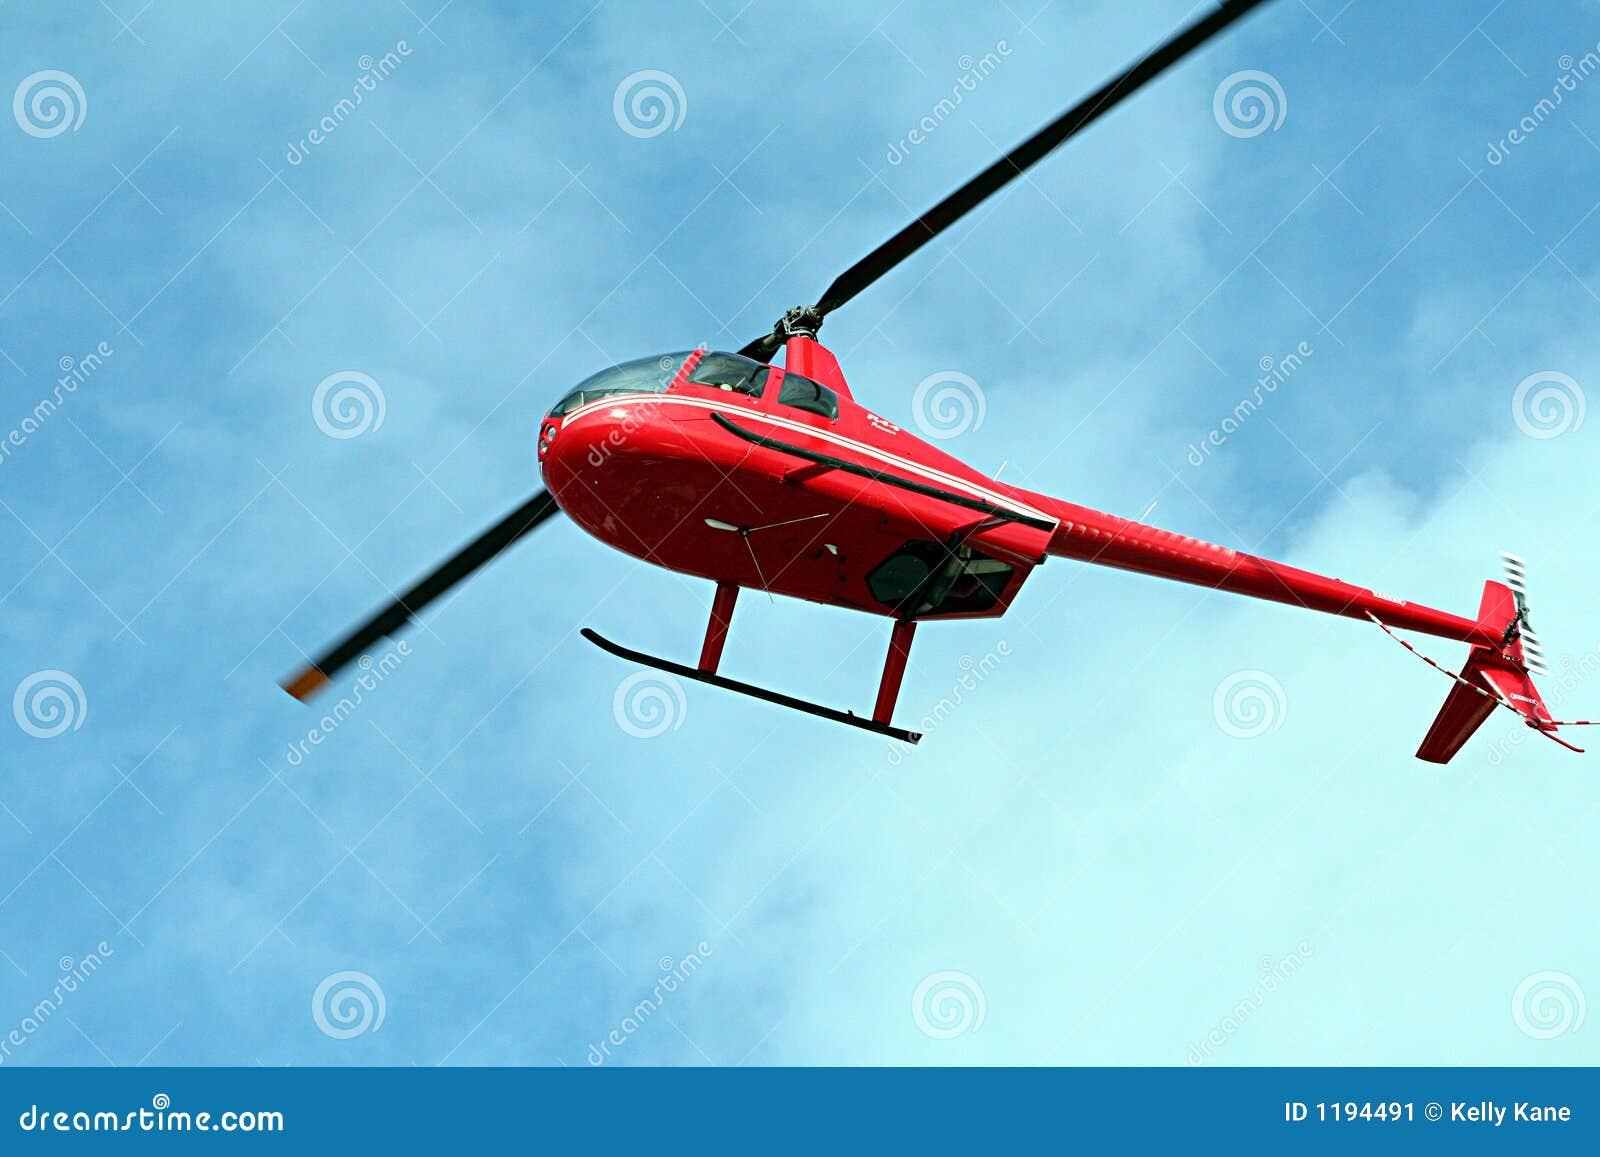 Elicottero Renzo Rosso : Elicottero rosso immagine stock di cielo pilota